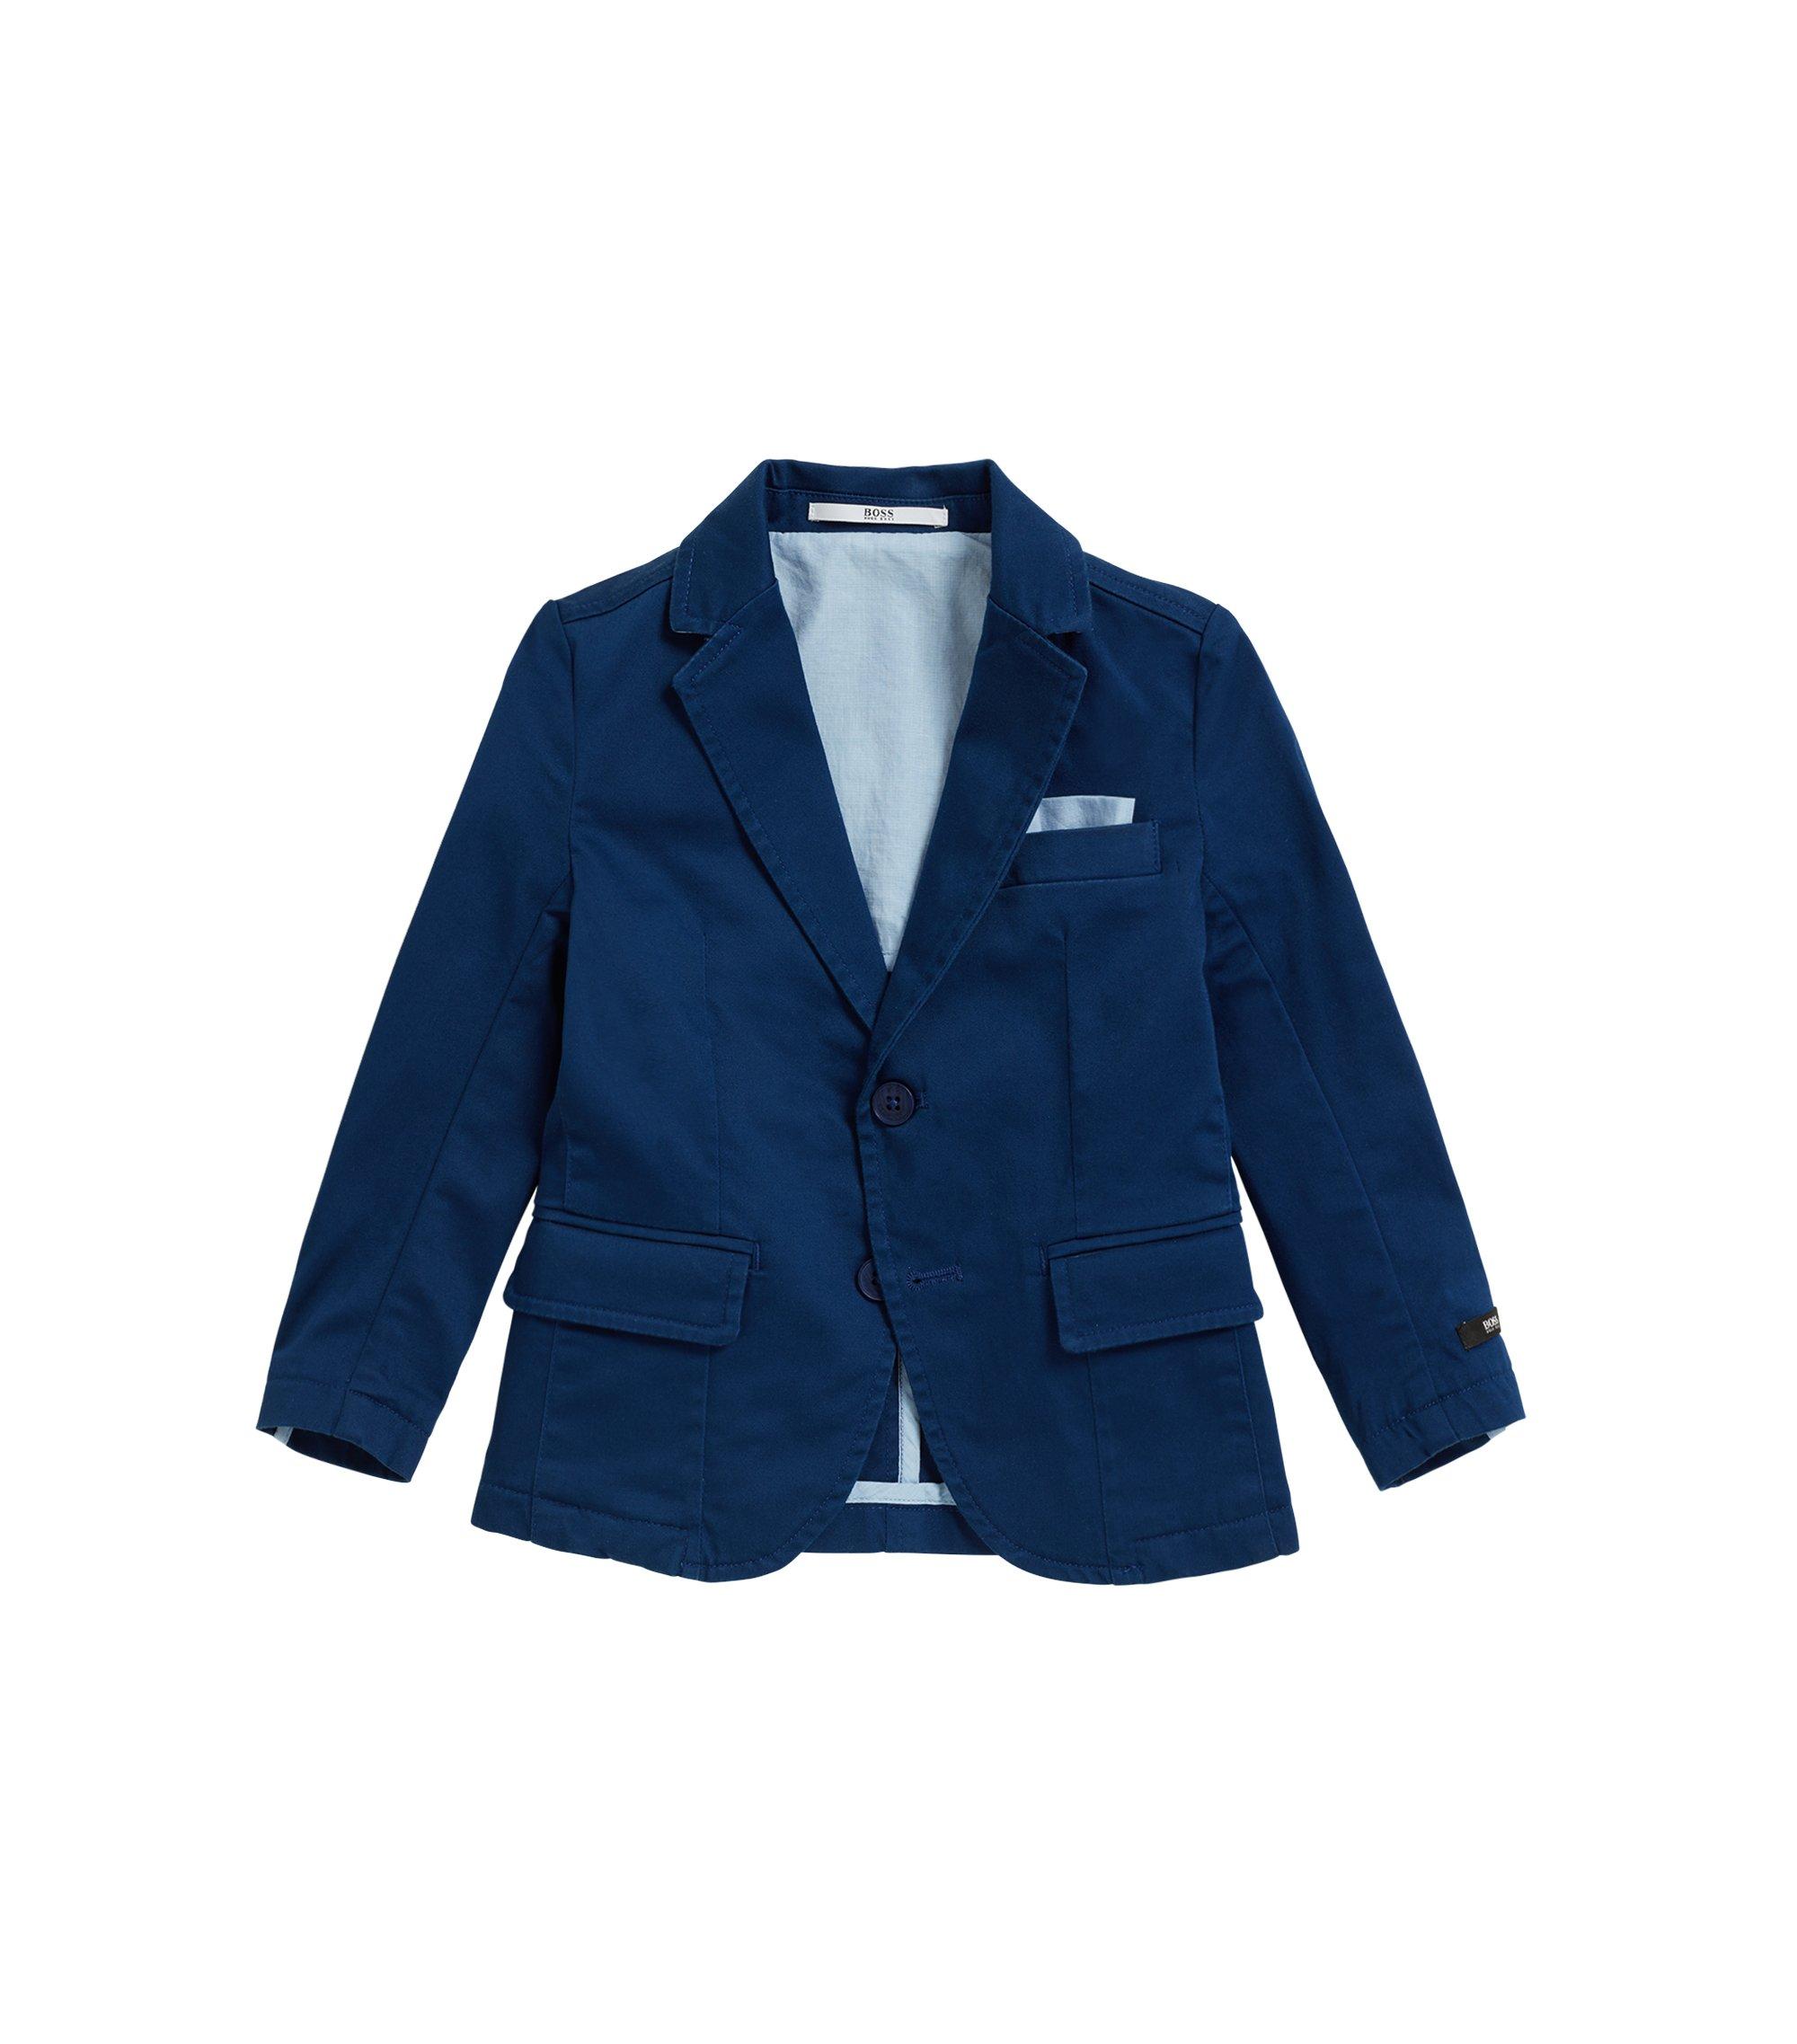 Veste de costume pour enfant en satin de coton stretch, Bleu foncé